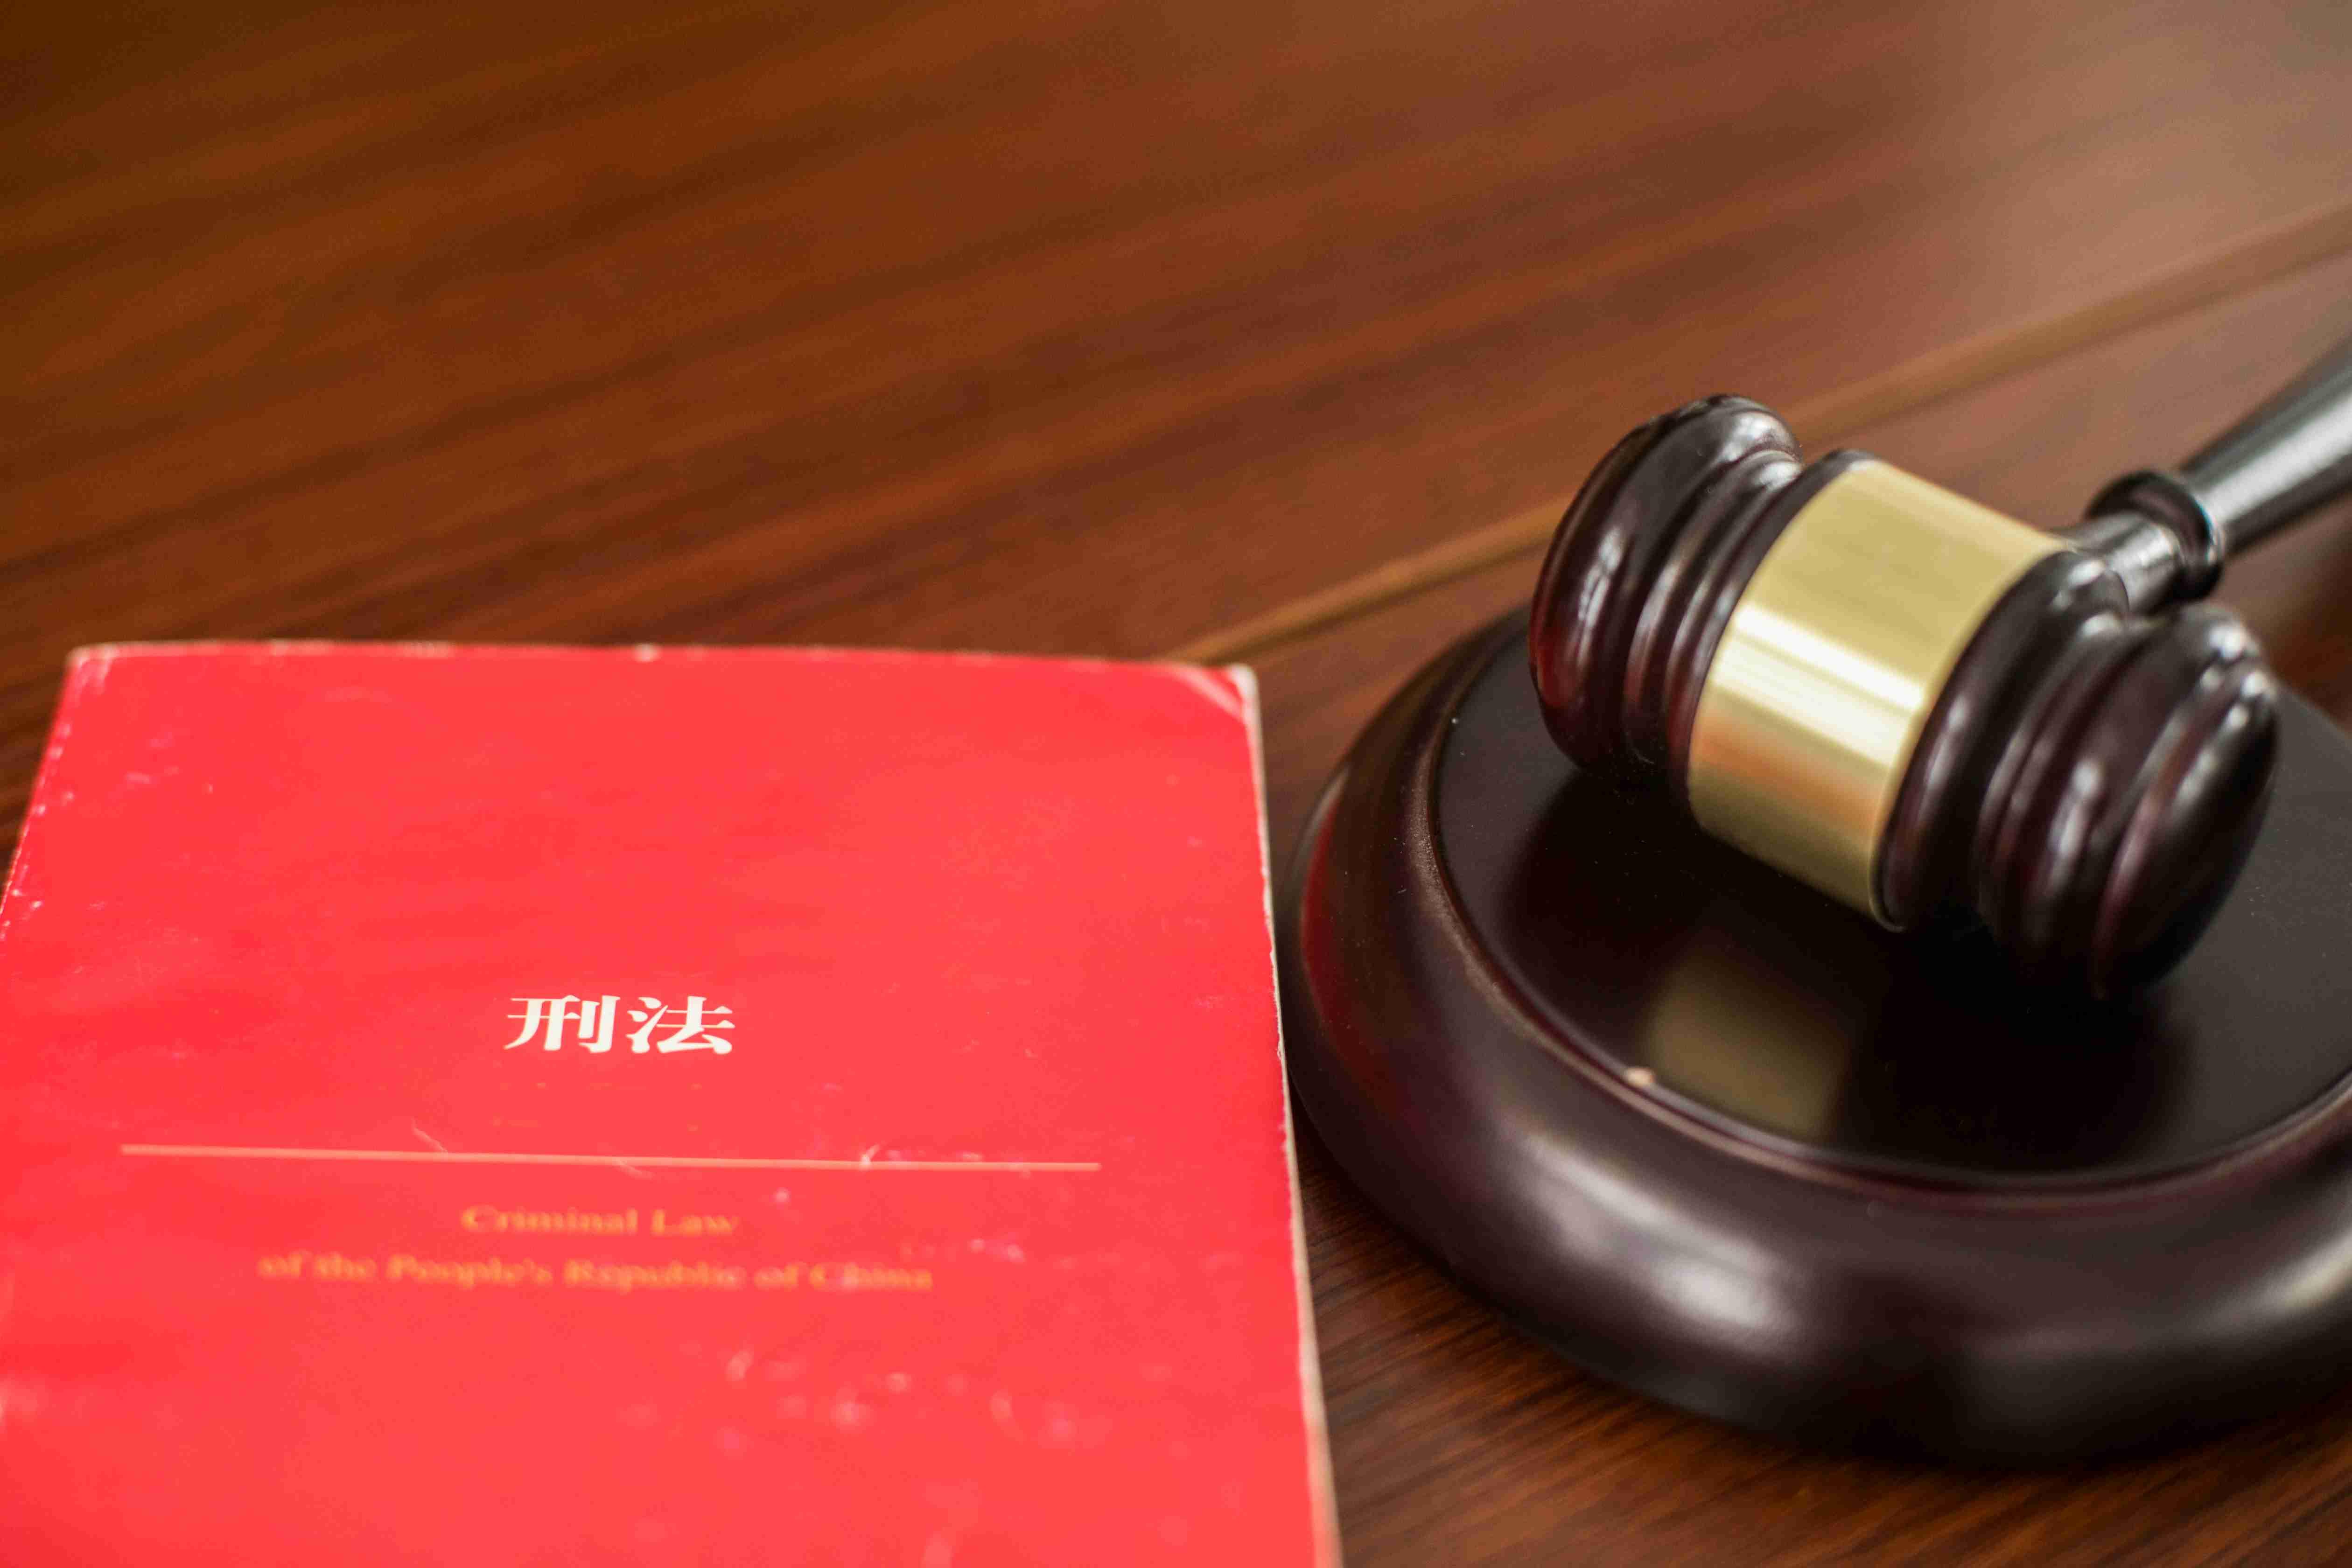 深圳专利律师谈苹果专利侵权纠纷